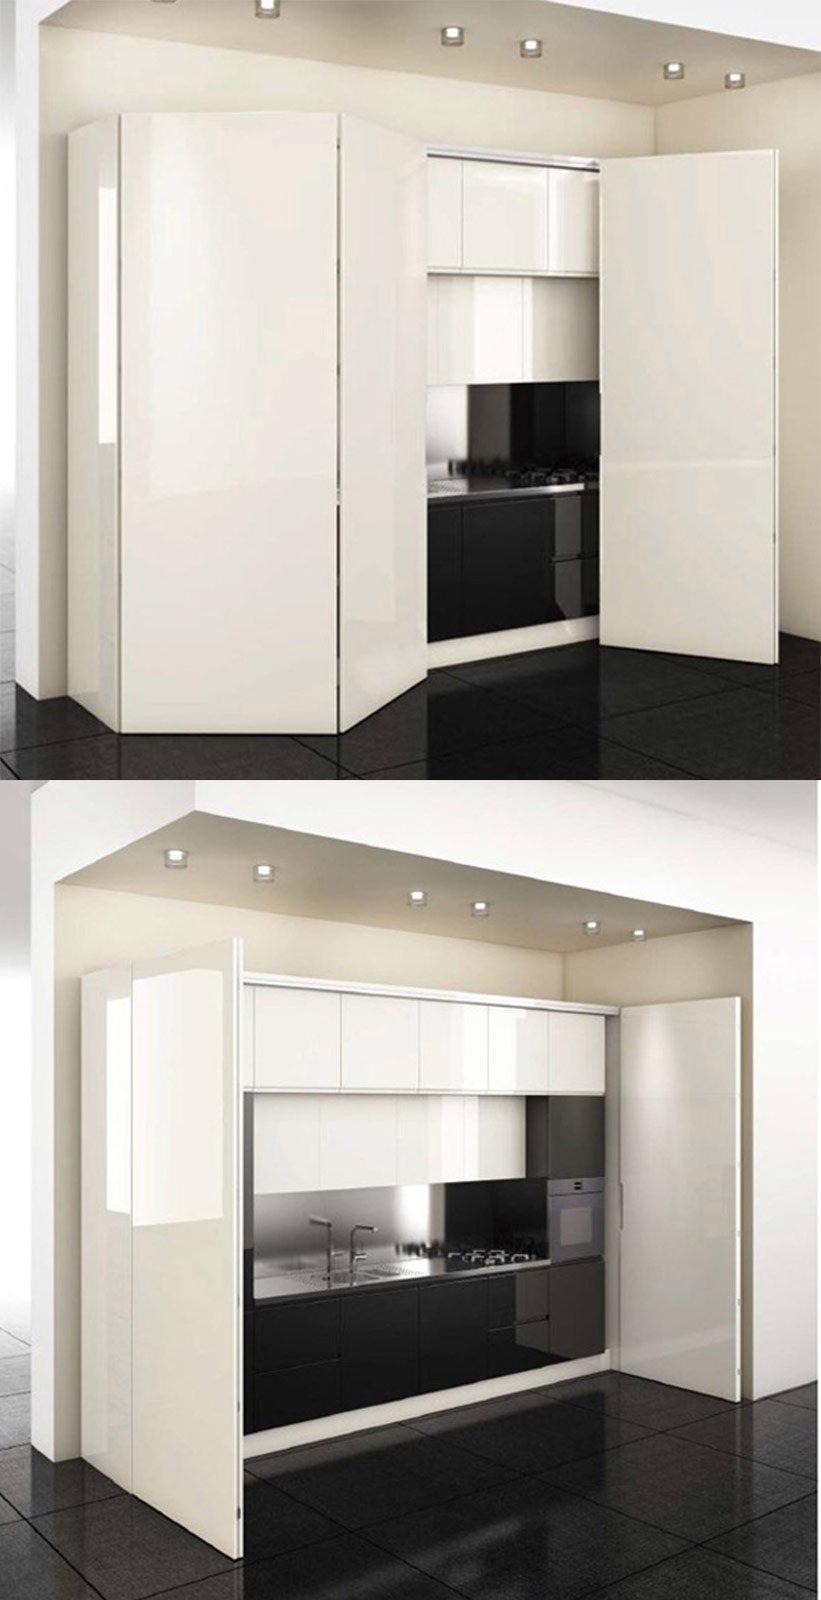 La cucina nell 39 armadio cose di casa - Cucina scomparsa ...